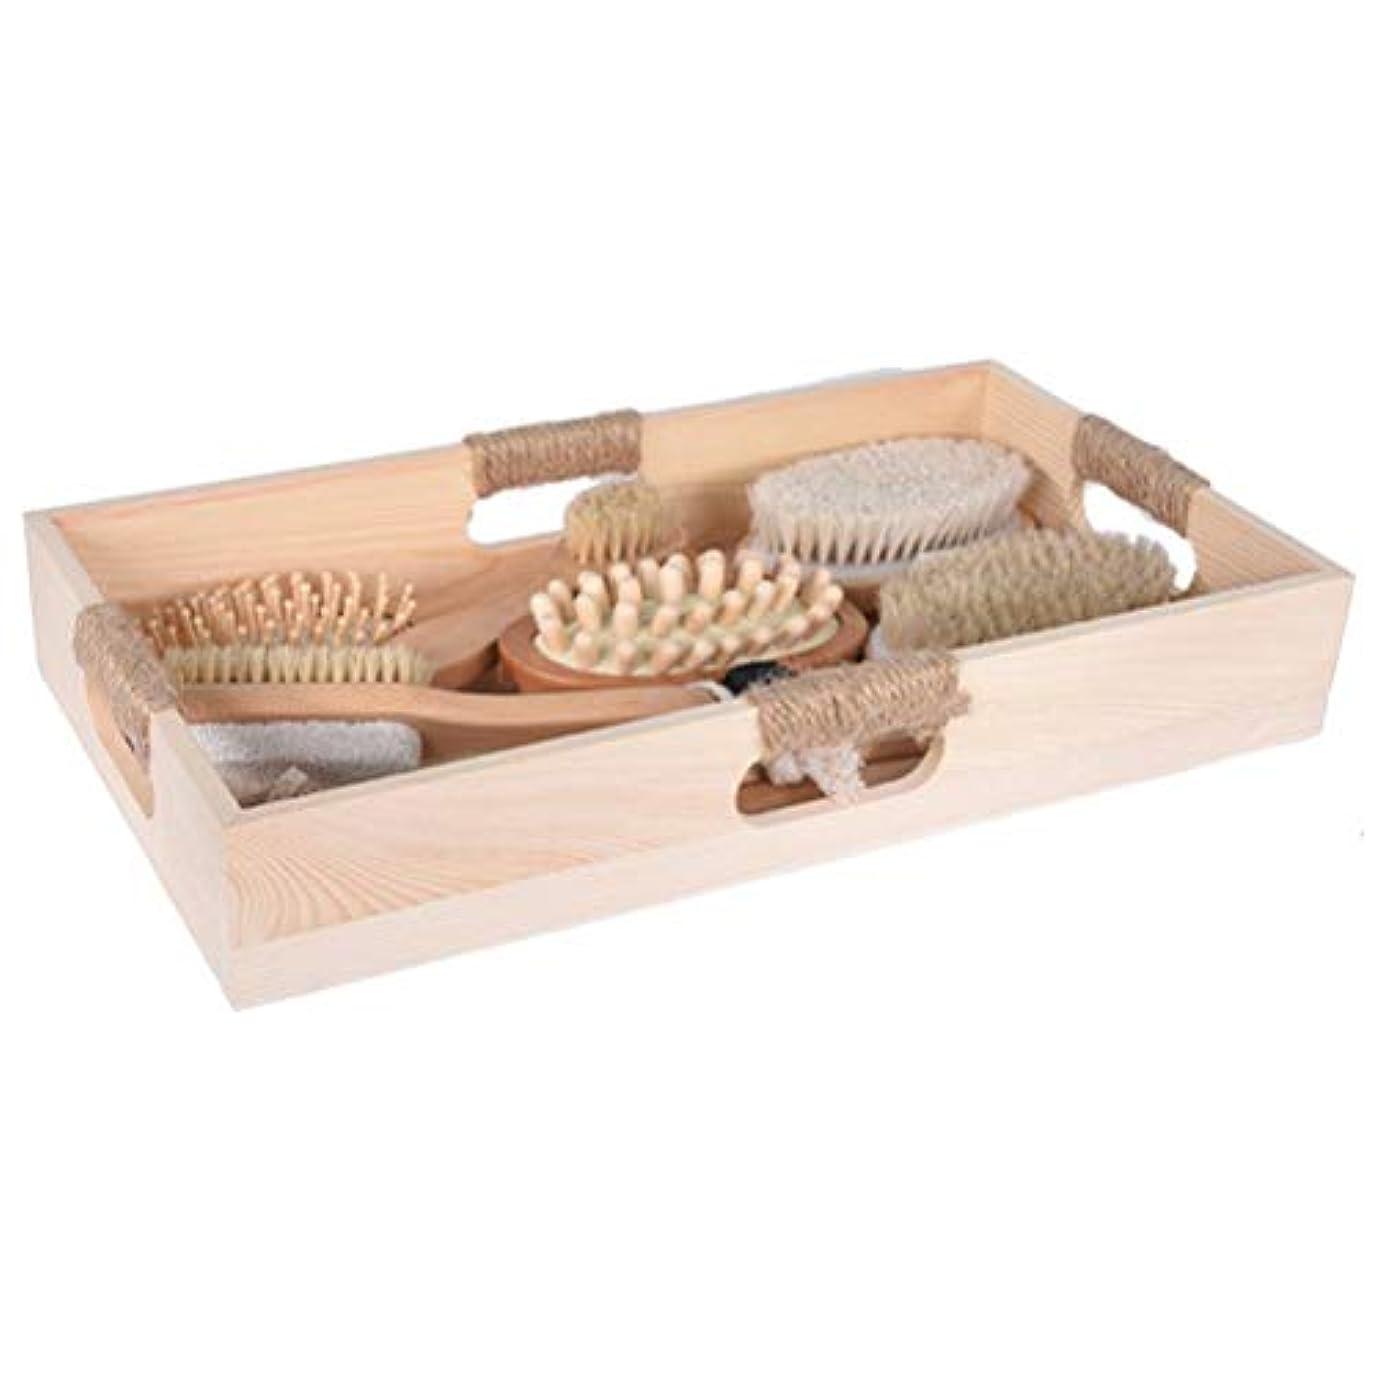 範囲消す困ったHealifty 6ピース入浴ボディブラシマッサージブラシ木製ハンドルセルライトマッサージフットファイルブラシヘアマッサージ櫛で収納トレイ